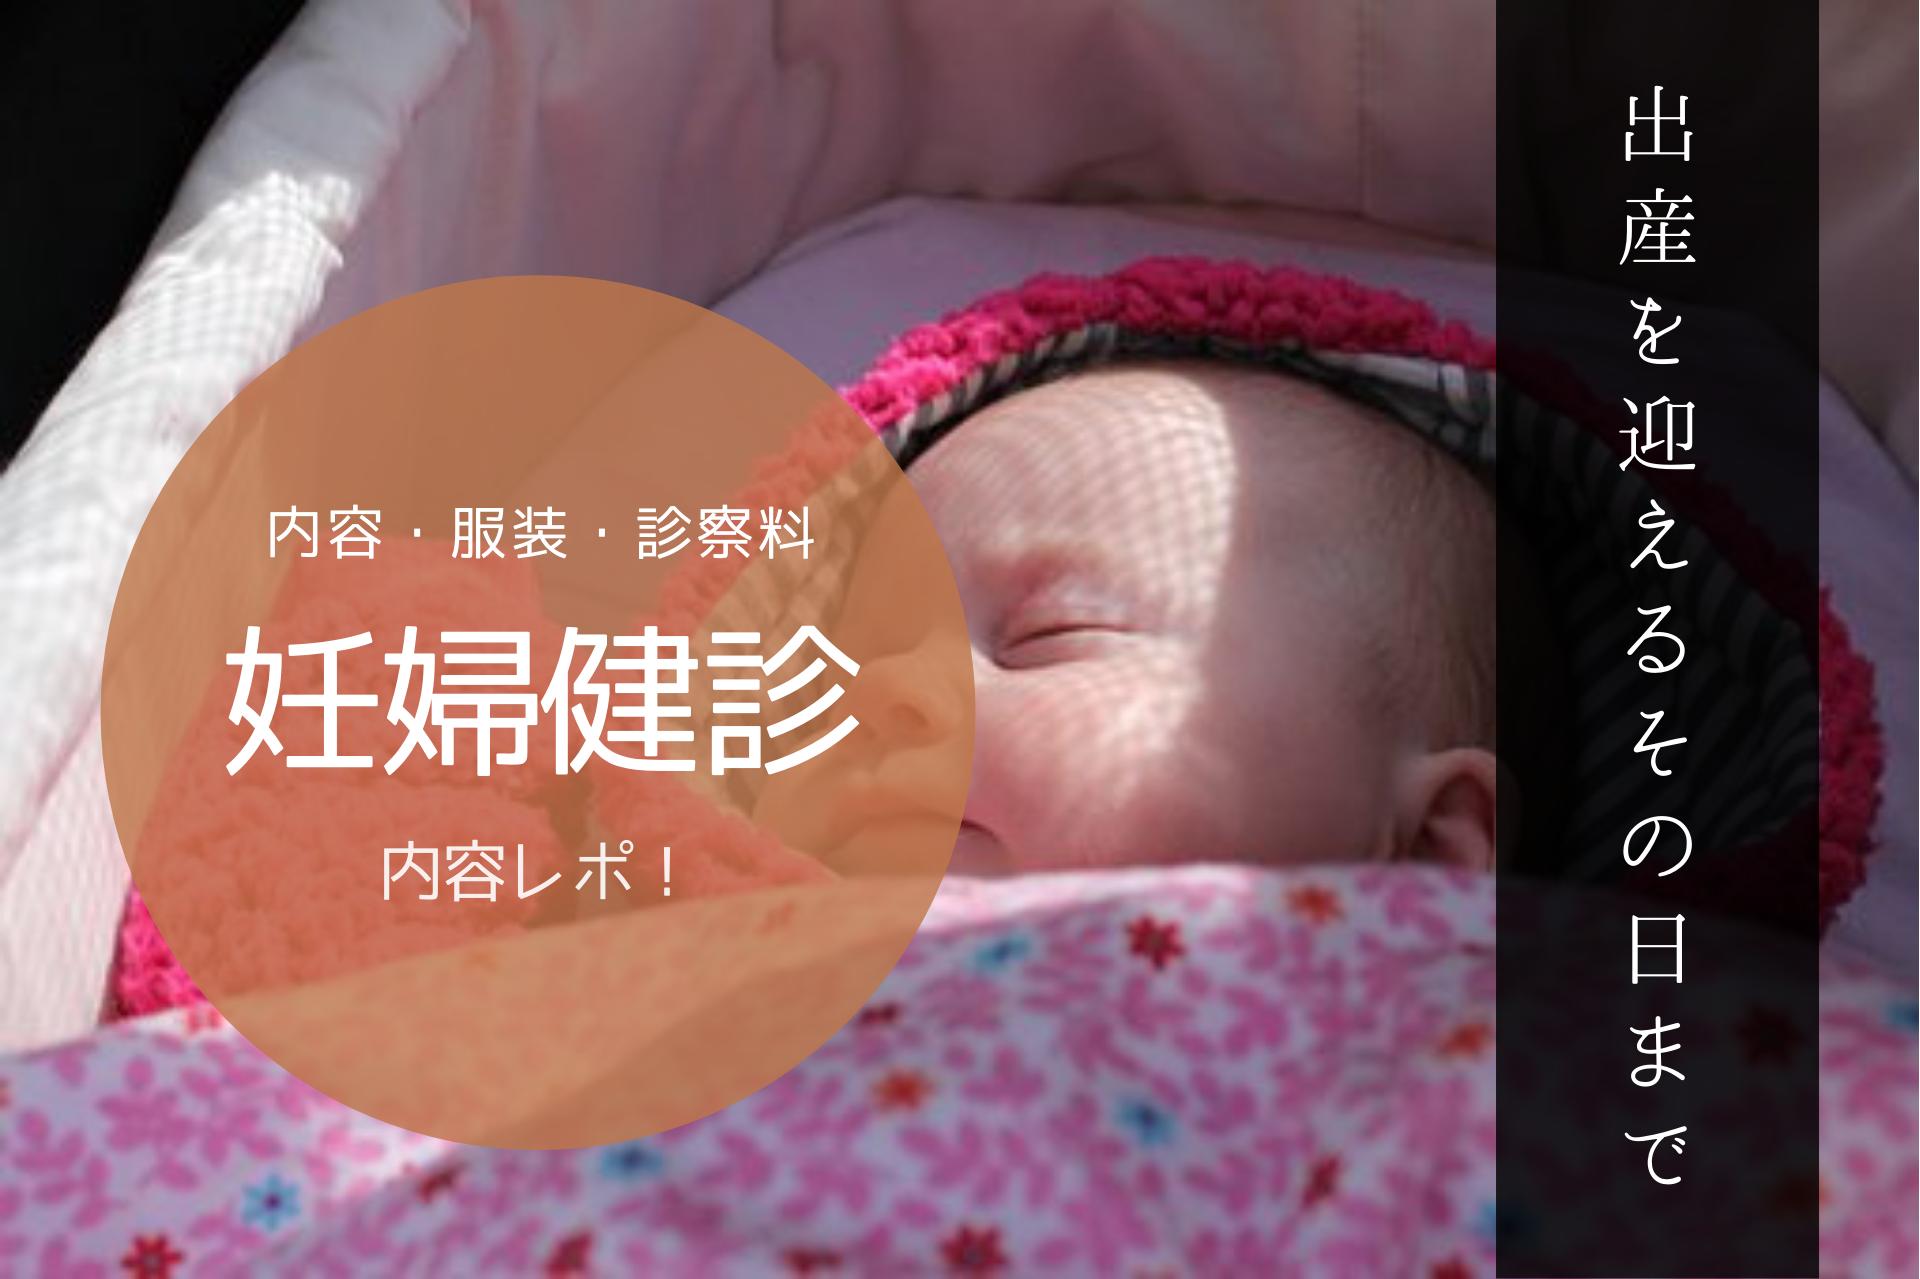 妊婦健診の内容レポート